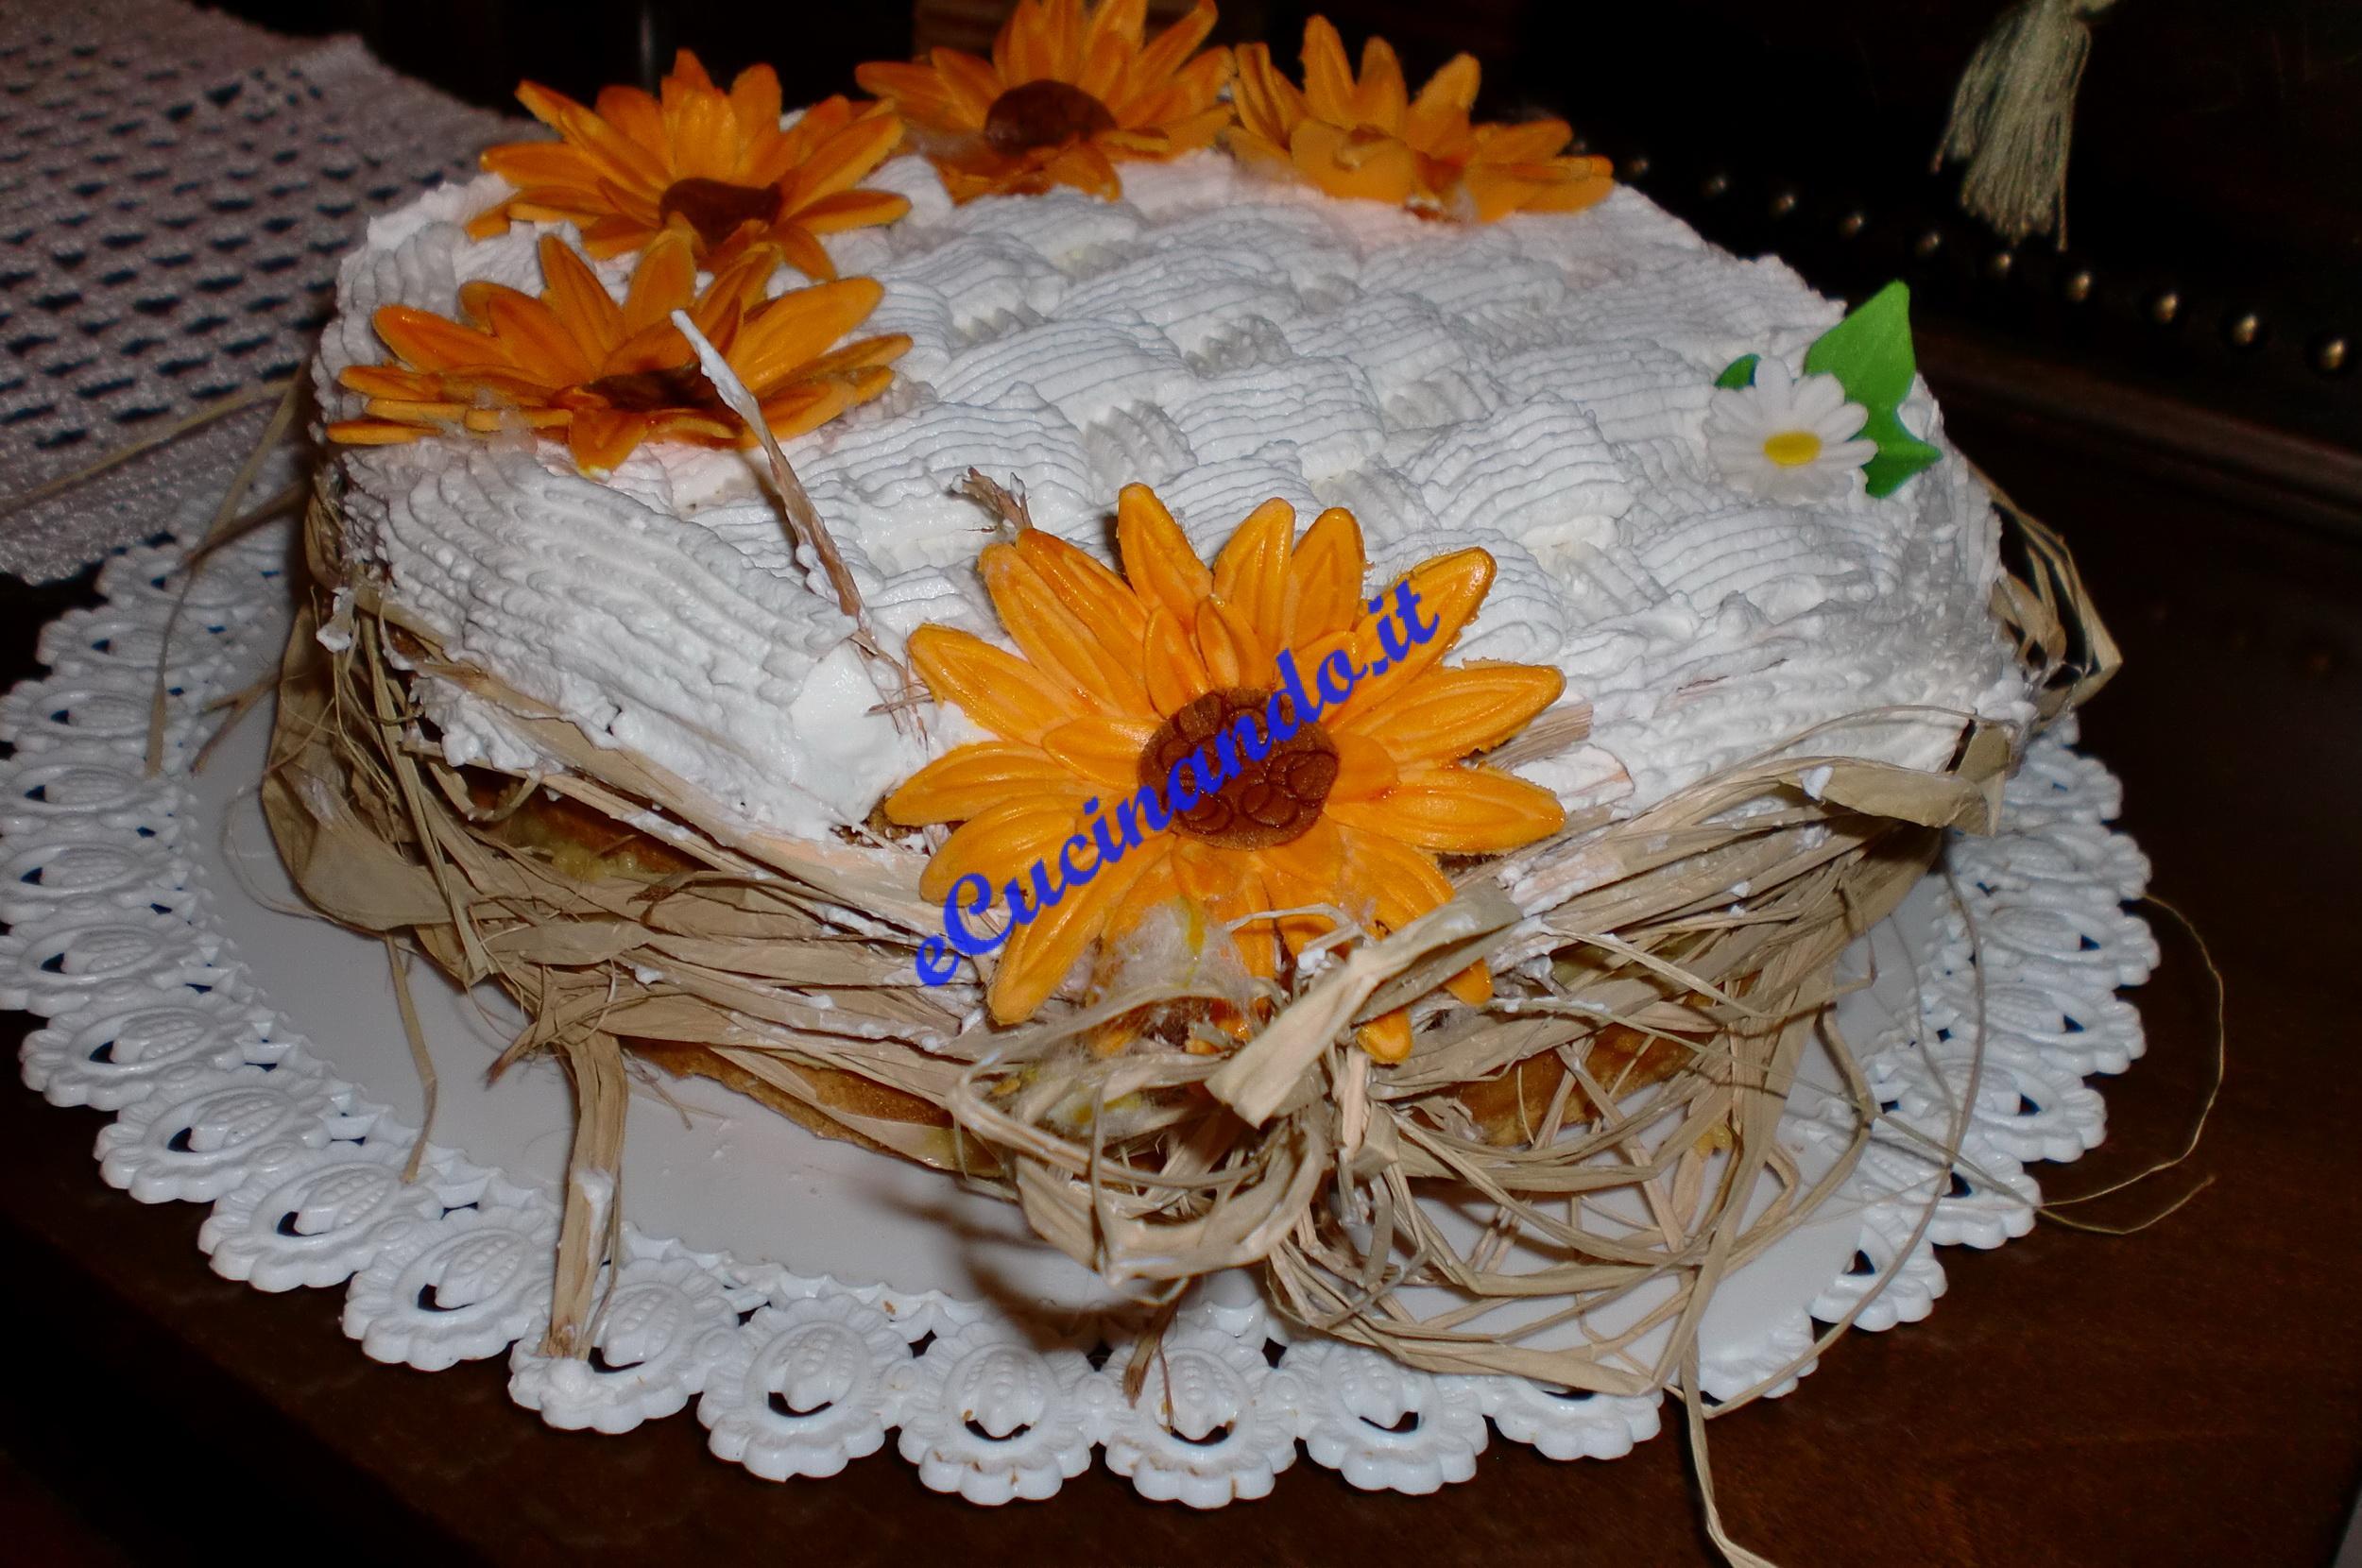 Torta Matrimonio Girasoli : Torte nuziali con fiori bianchi migliore collezione